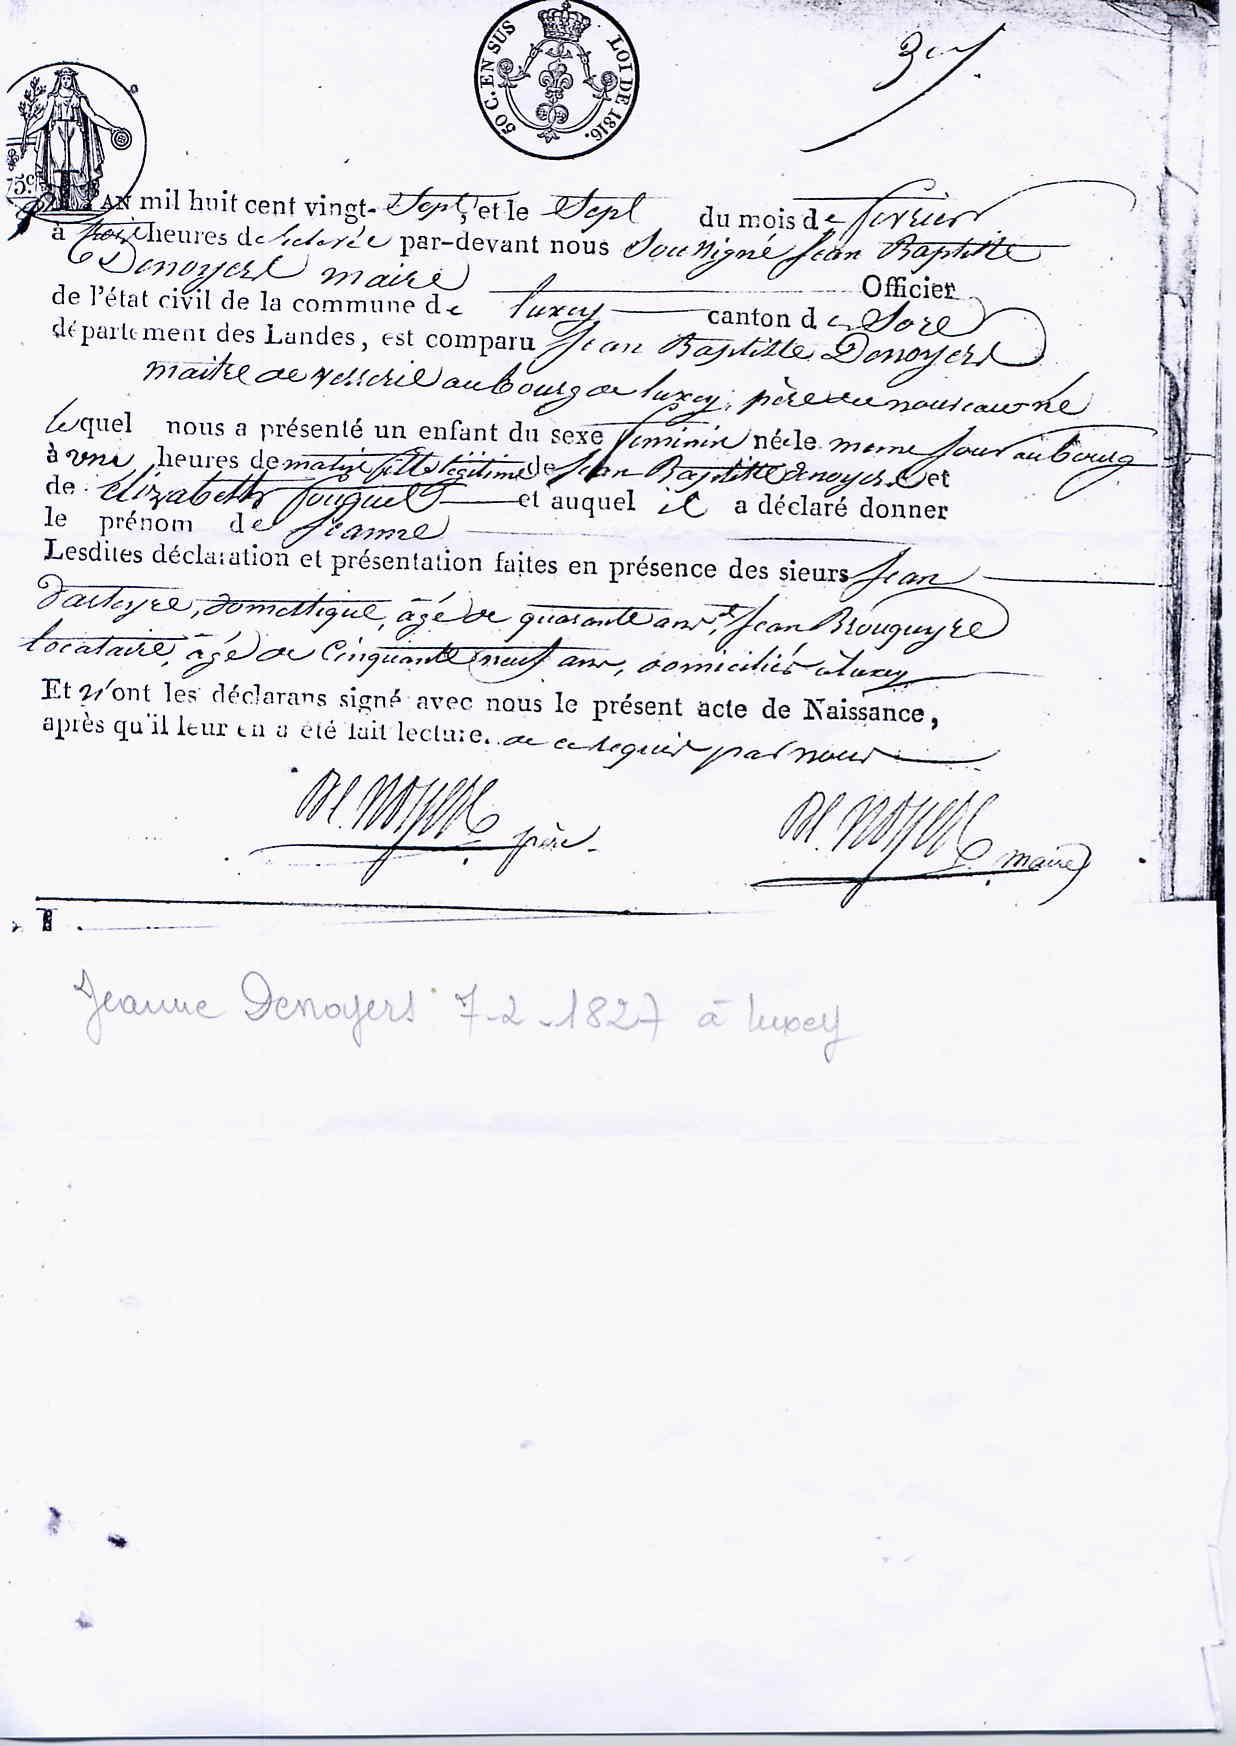 Familia Denoyers | www.genealog.cl